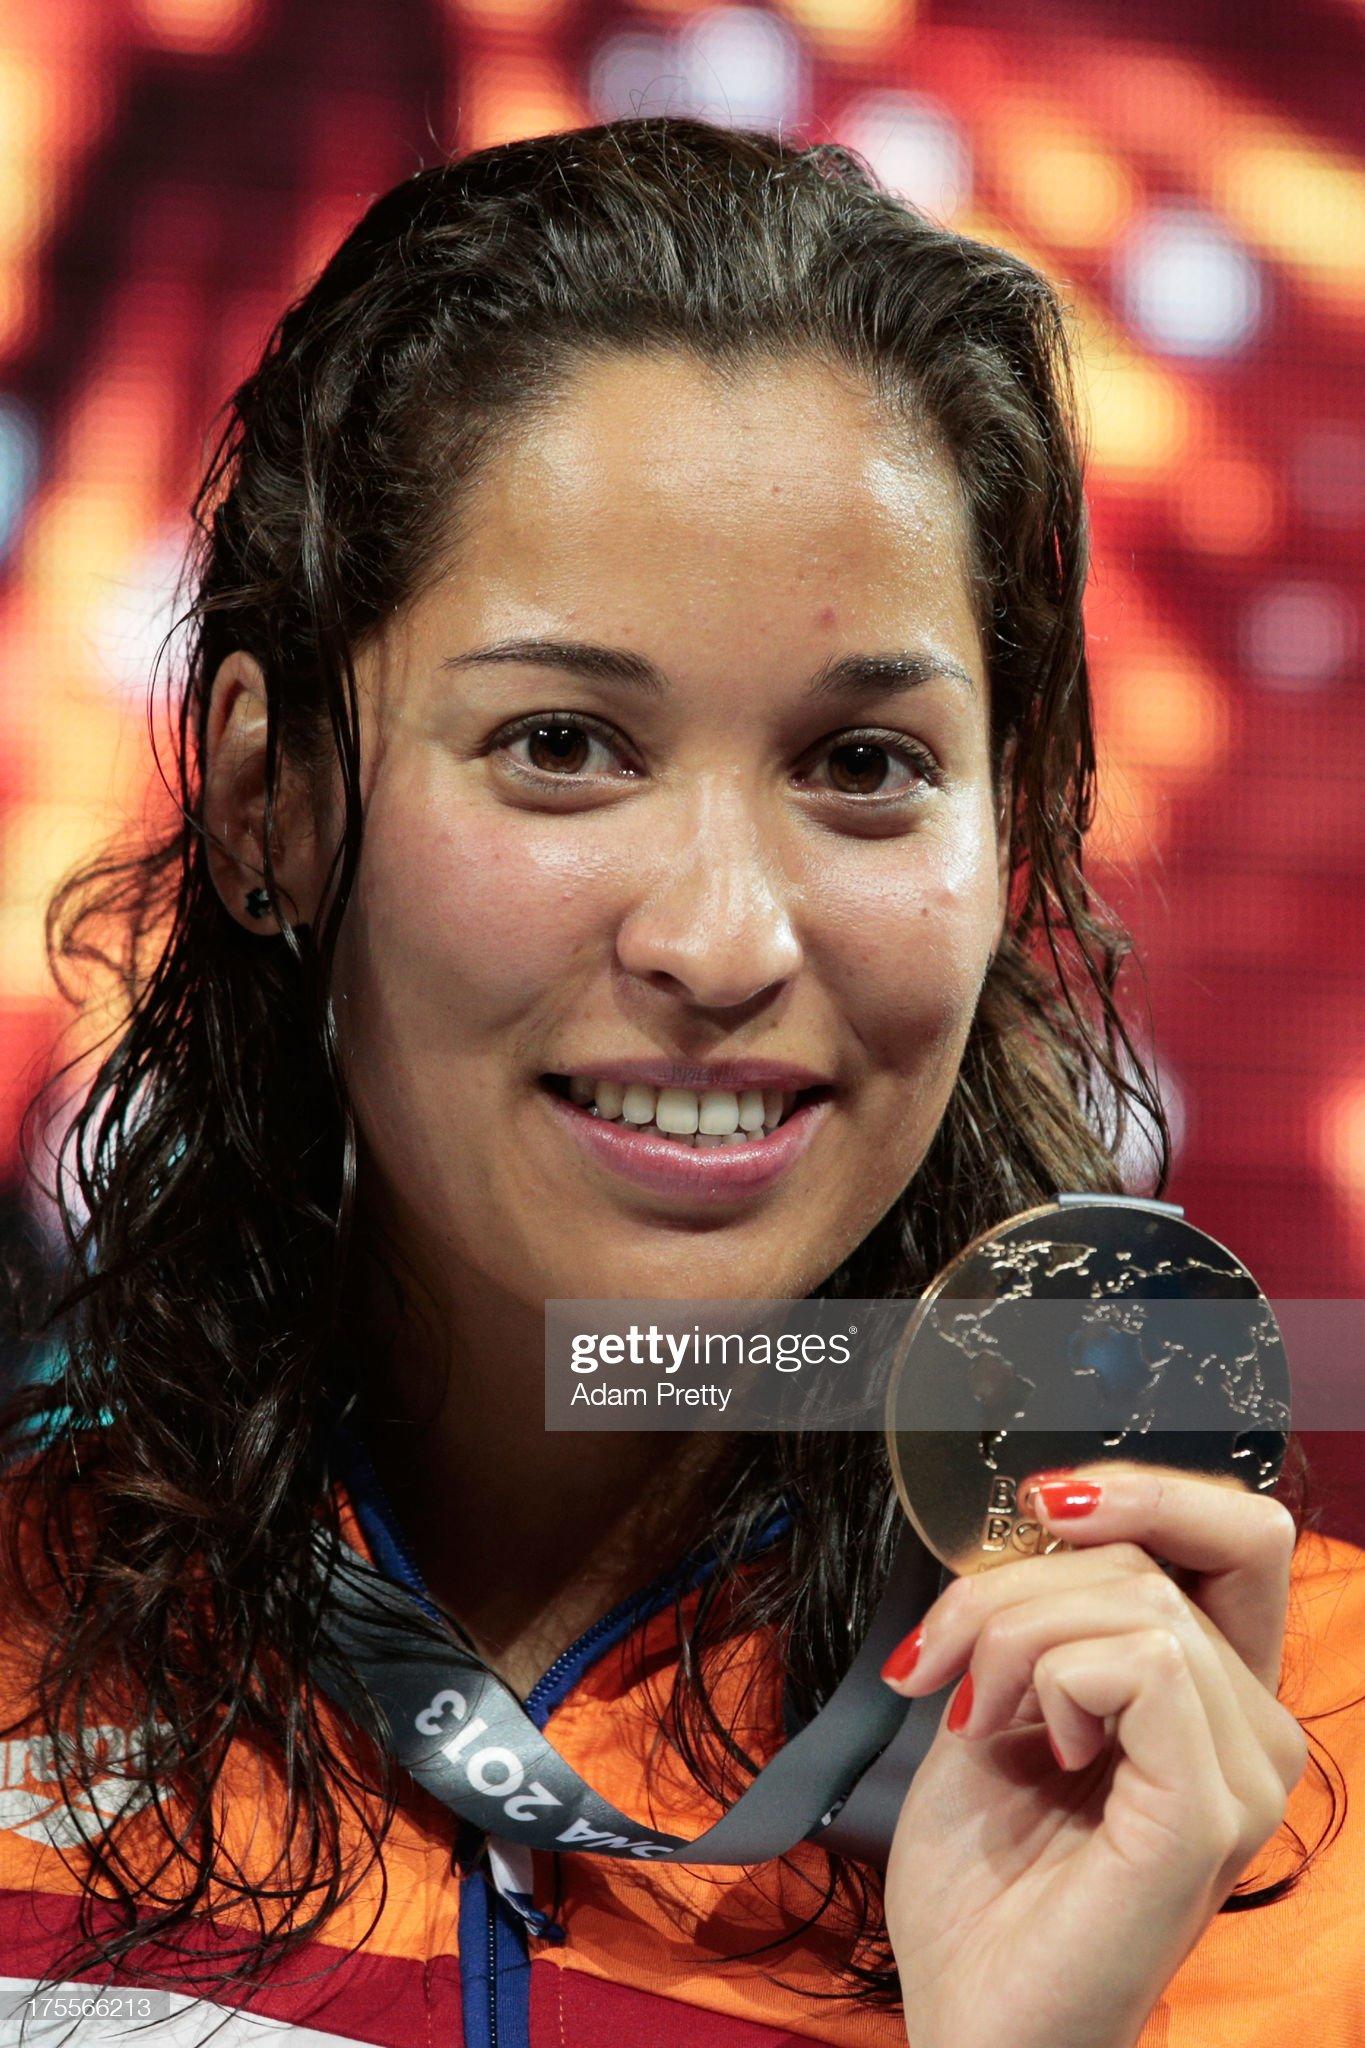 DEBATE sobre belleza, guapura y hermosura (fotos de chicas latinas, mestizas, y de todo) - VOL II - Página 4 Gold-medal-winner-ranomi-kromowidjojo-of-the-netherlands-celebrates-picture-id175566213?s=2048x2048